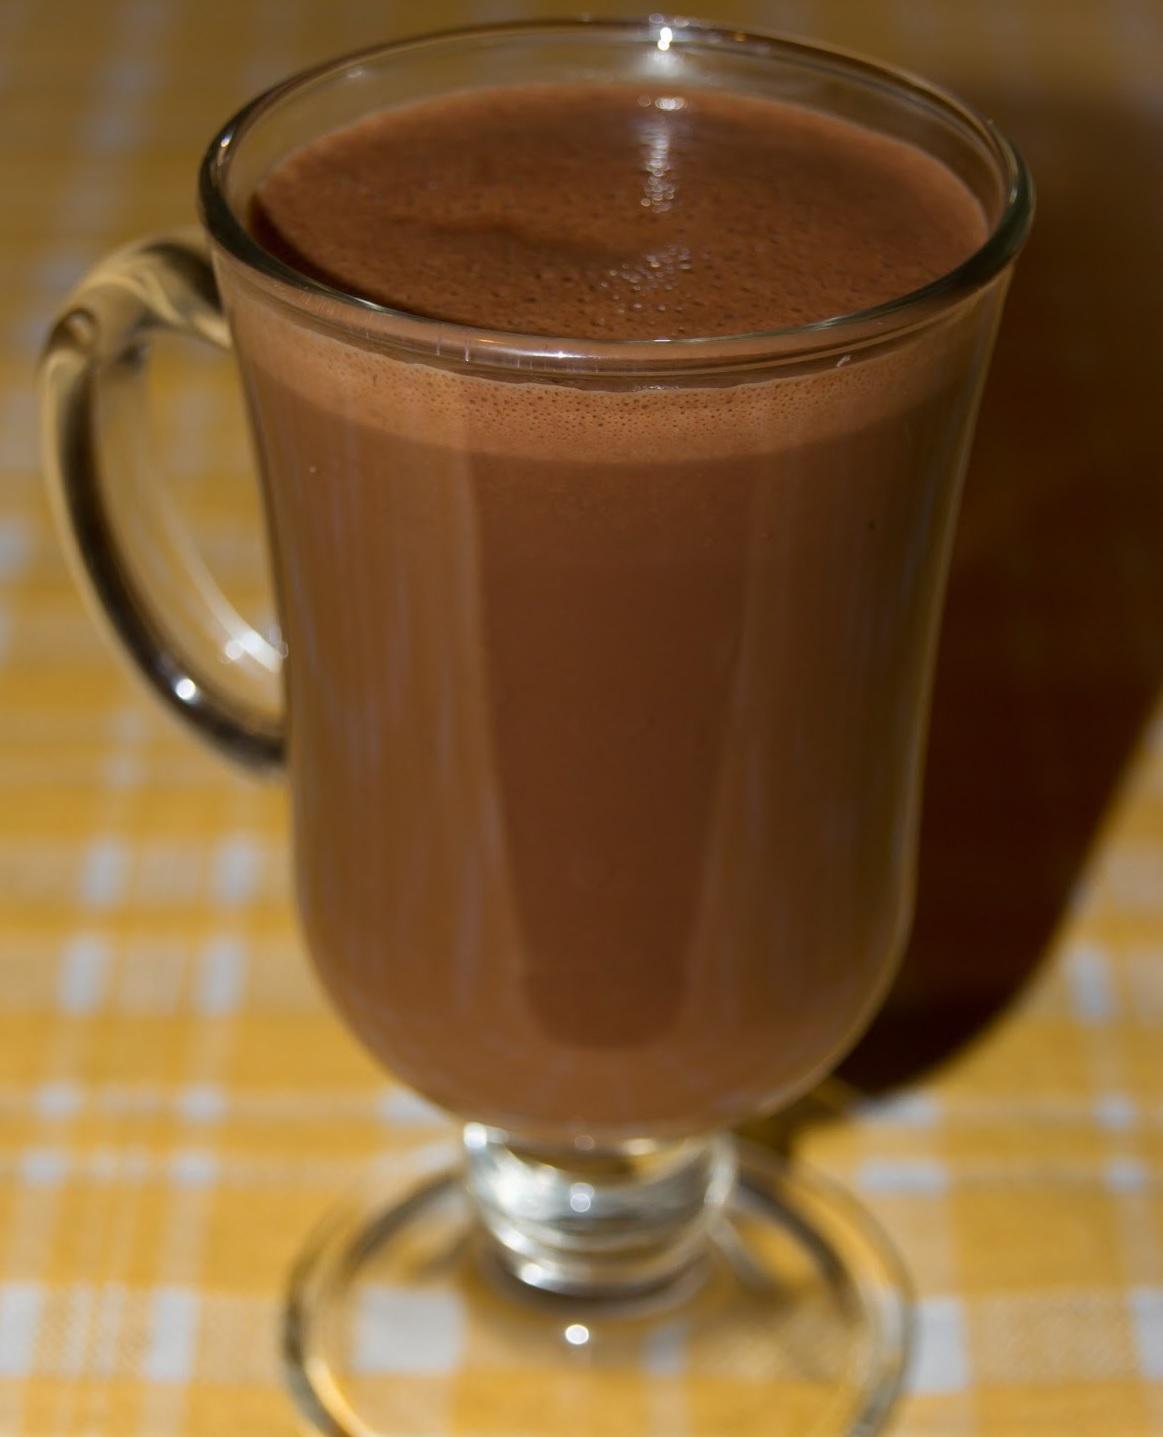 Рецепты с использованием чая. Французский шоколадный чай «Эрл Грей»